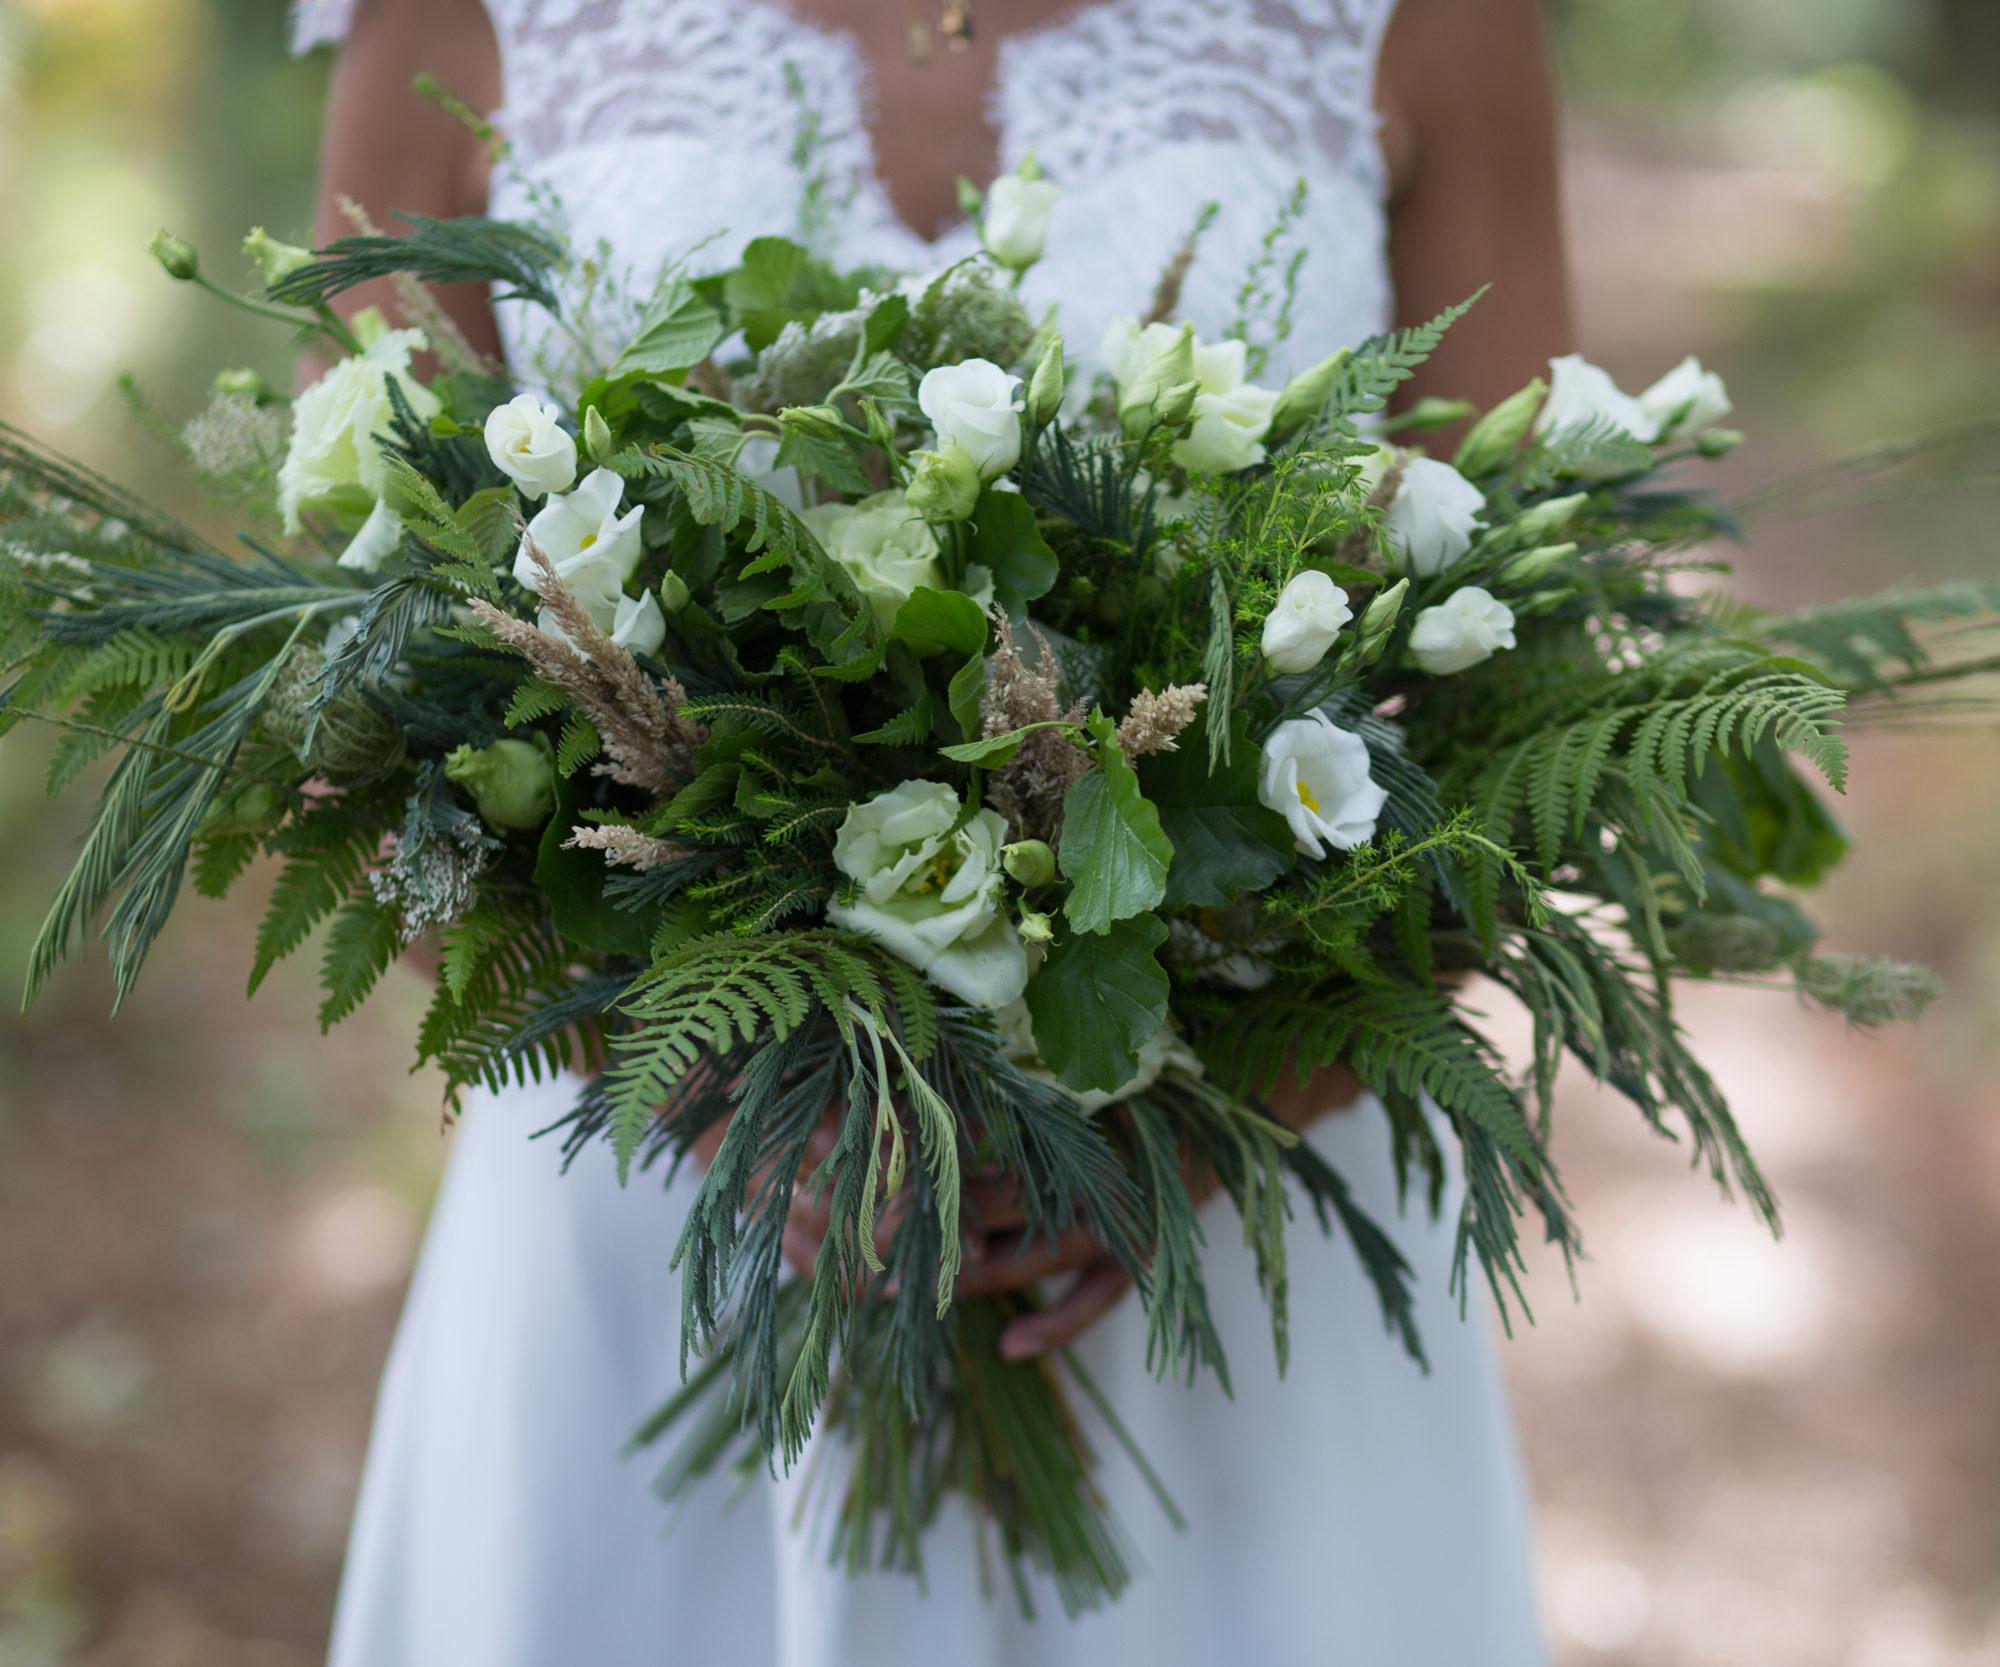 SOPHIE GOMES DE MIRANDA FLEURISTE MARIAGE CAP FERRET FLEURISTE MARIAGE BORDEAUX cap ferret mariage fleuriste bassin d'arcachon